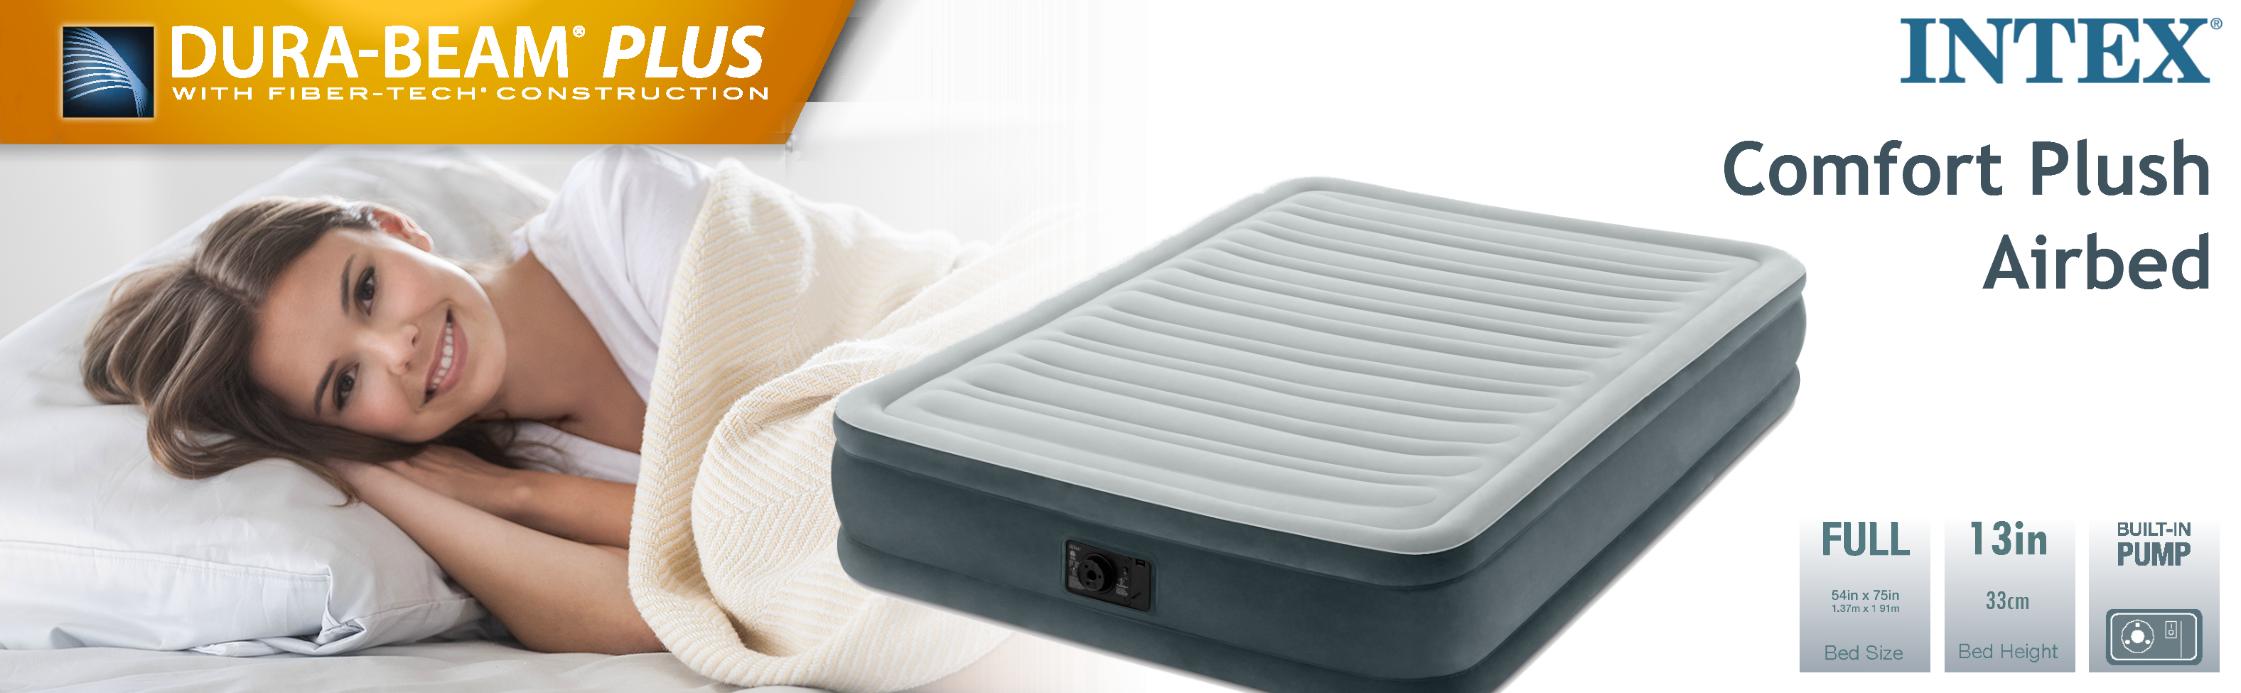 Amazon Com Intex Comfort Plush Mid Rise Dura Beam Airbed